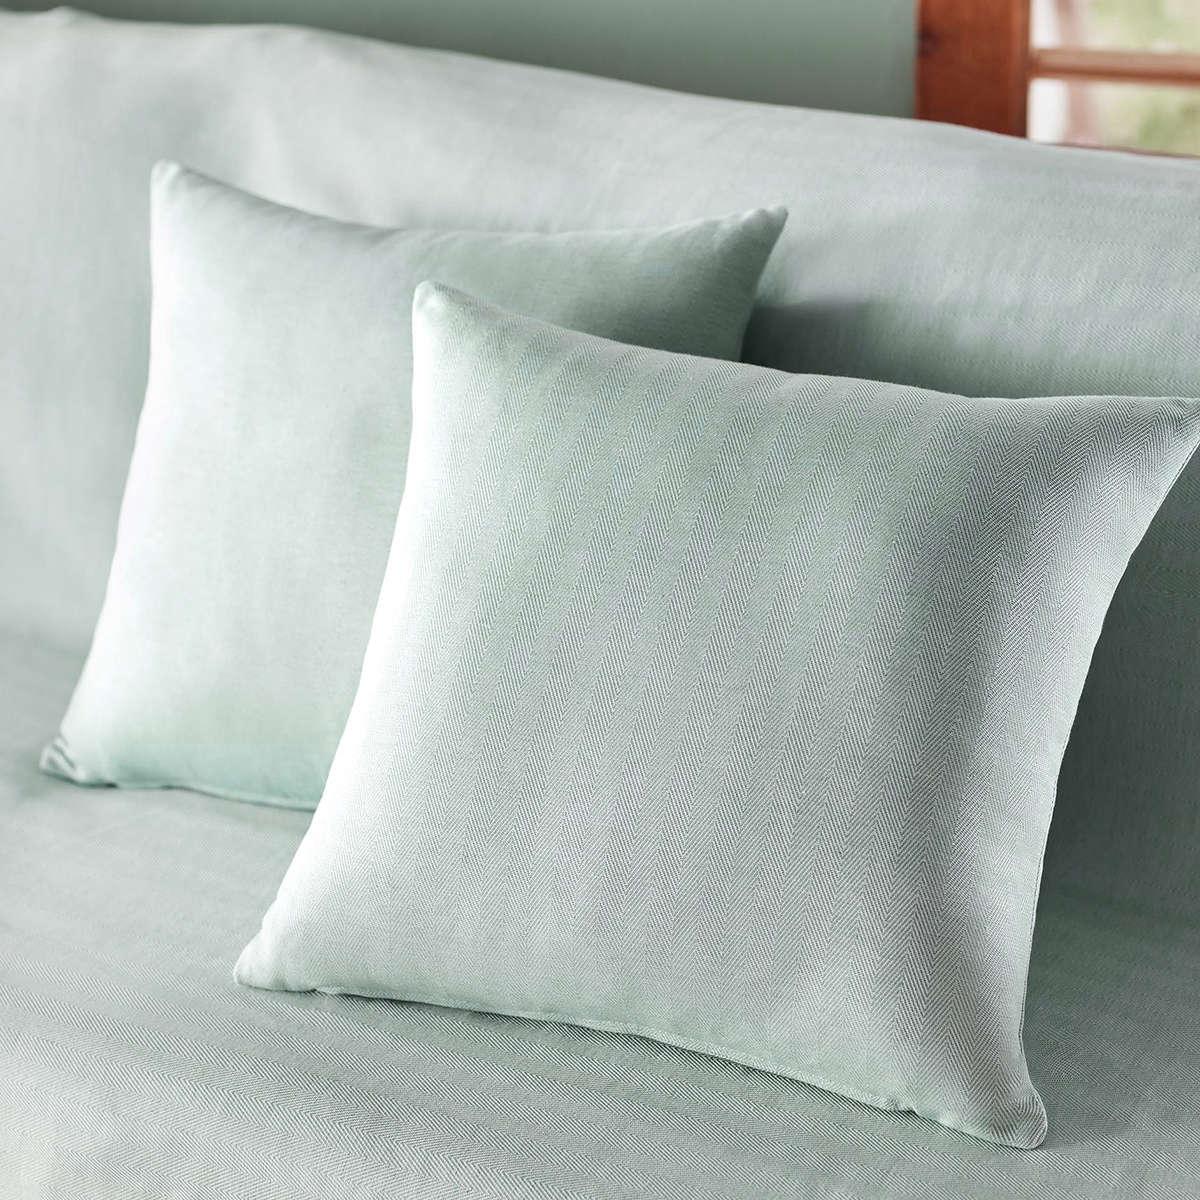 Μαξιλαροθήκη Διακοσμητική Rene Aqua 732/11 Gofis Home 50X50 Βαμβάκι-Polyester